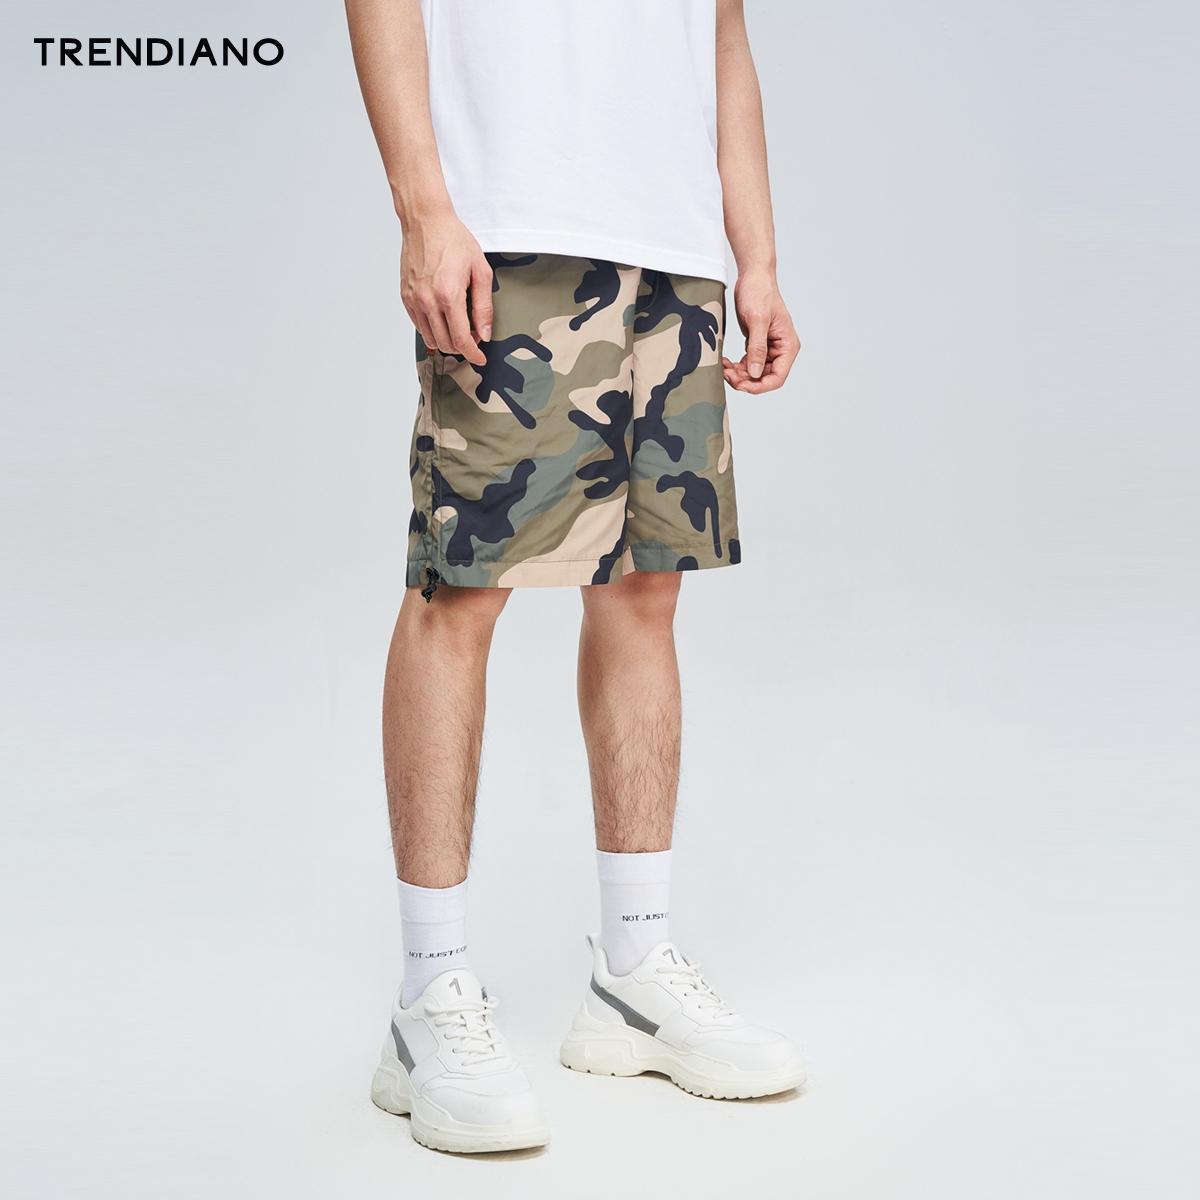 TRENDIANO潮牌春季男装时尚迷彩印花运动休闲裤子短裤男,降价幅度33.5%